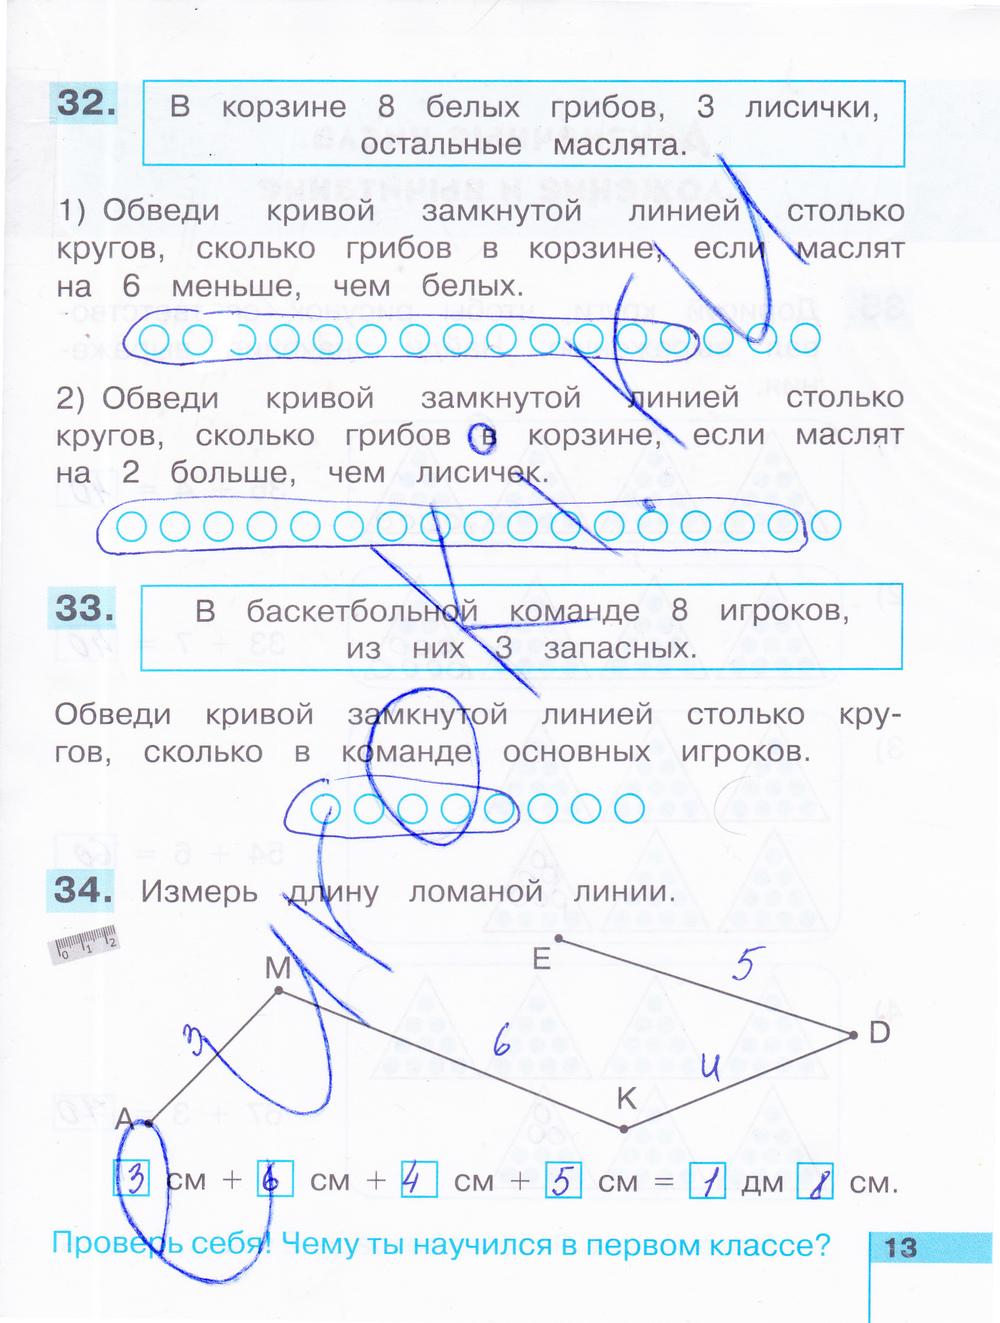 ГДЗ по математике 2 класс рабочая тетрадь Истомина Часть 1, 2. Задание: стр. 13